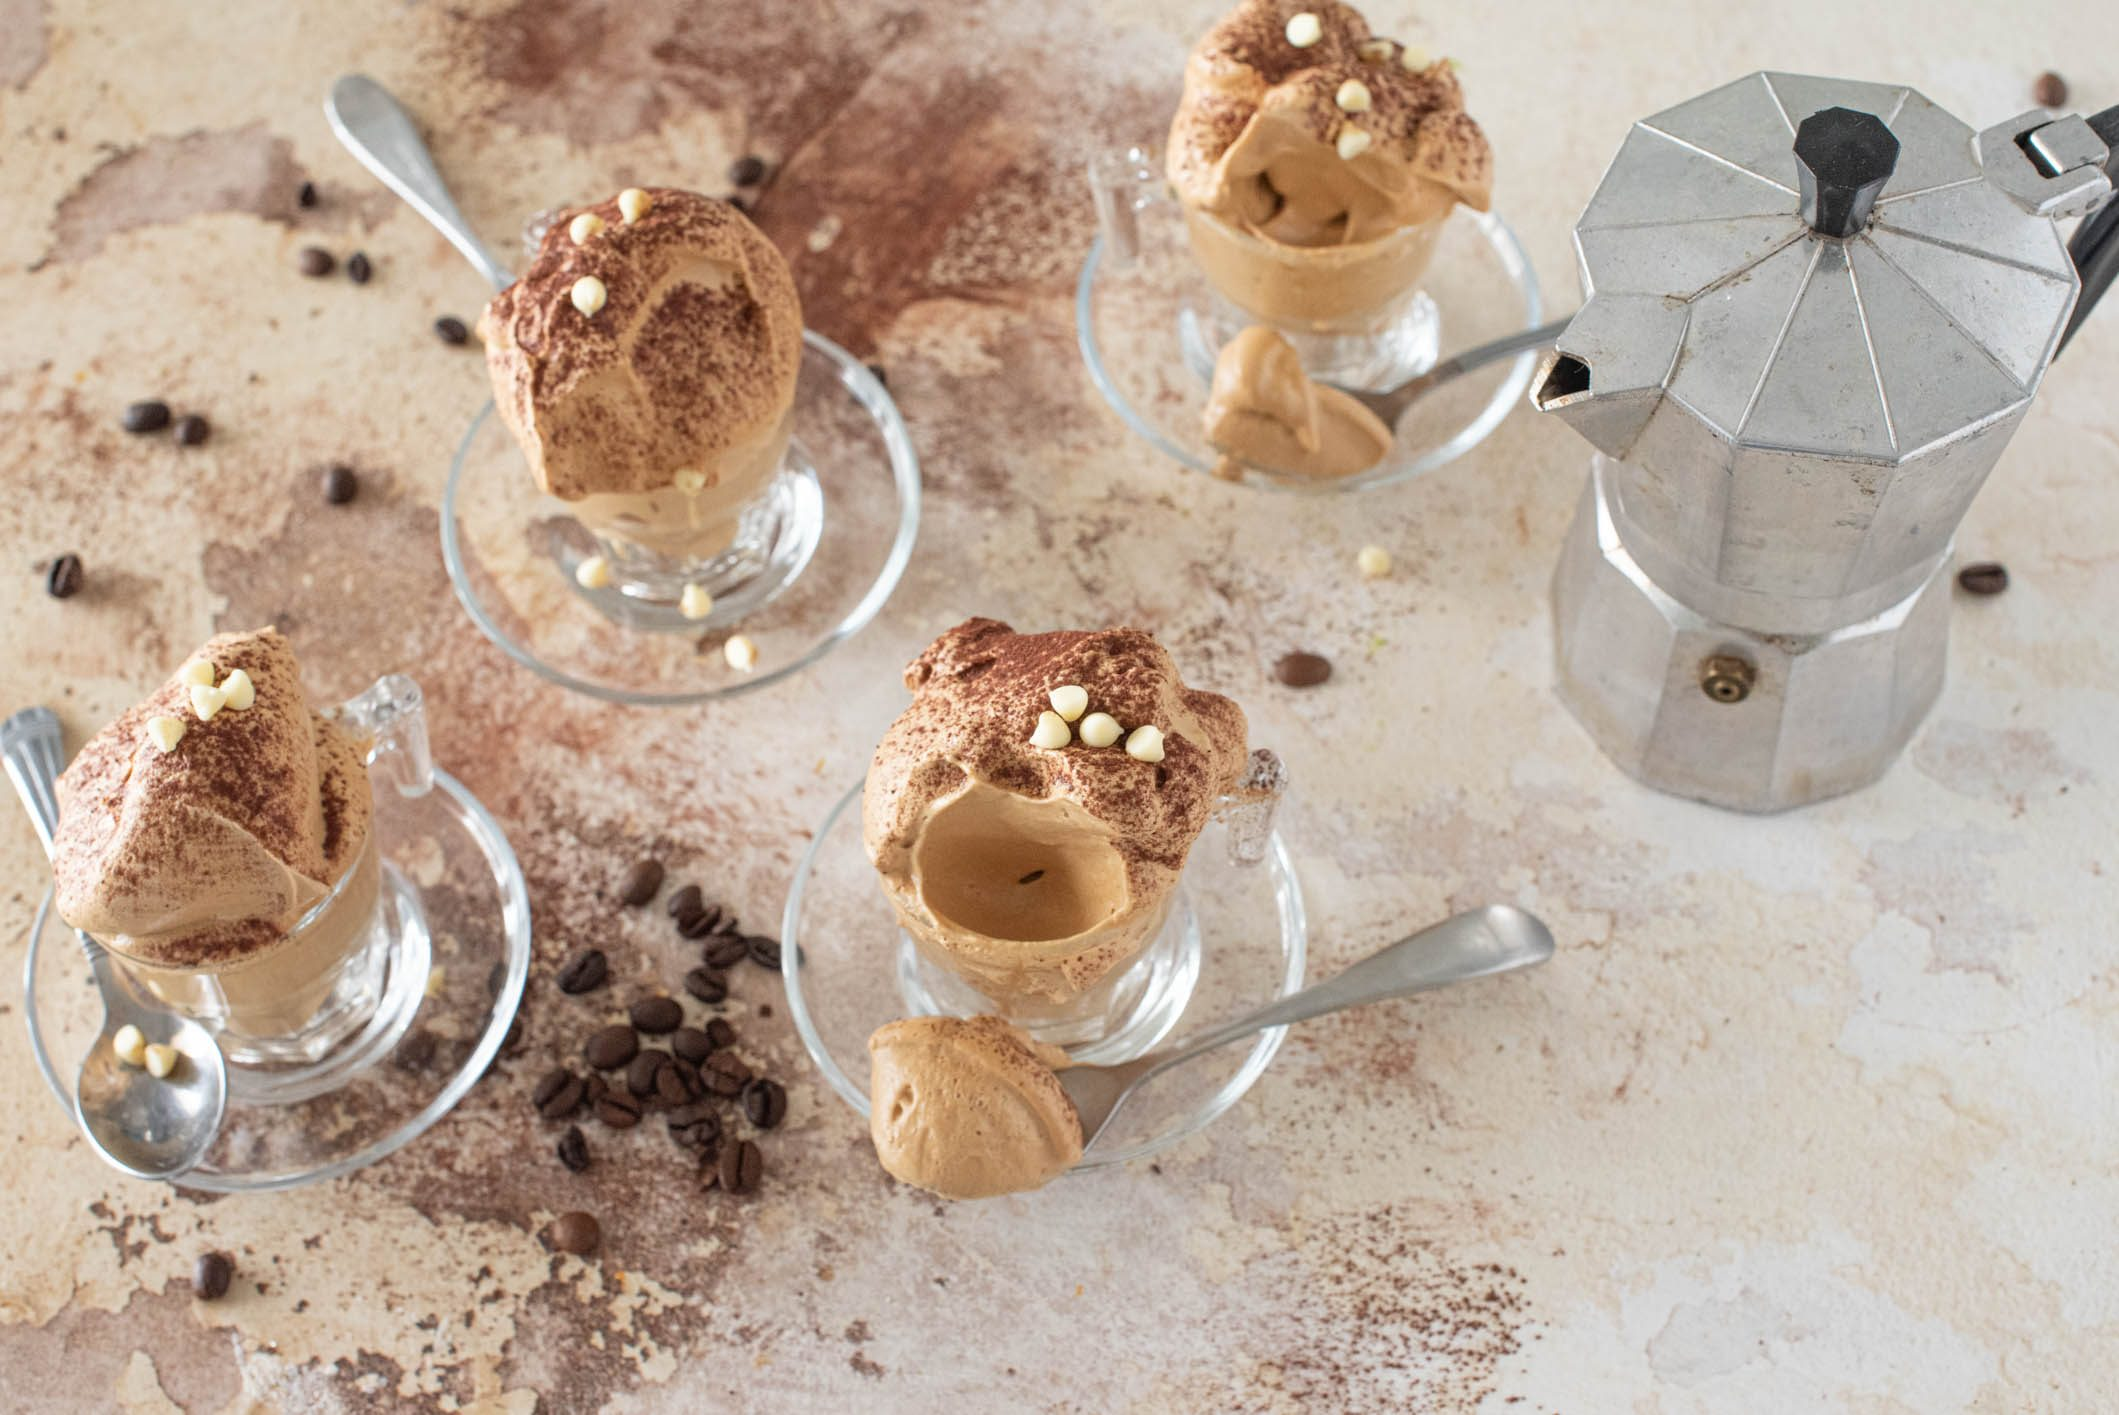 Crema di caffè light: la ricetta della mousse leggera e golosa